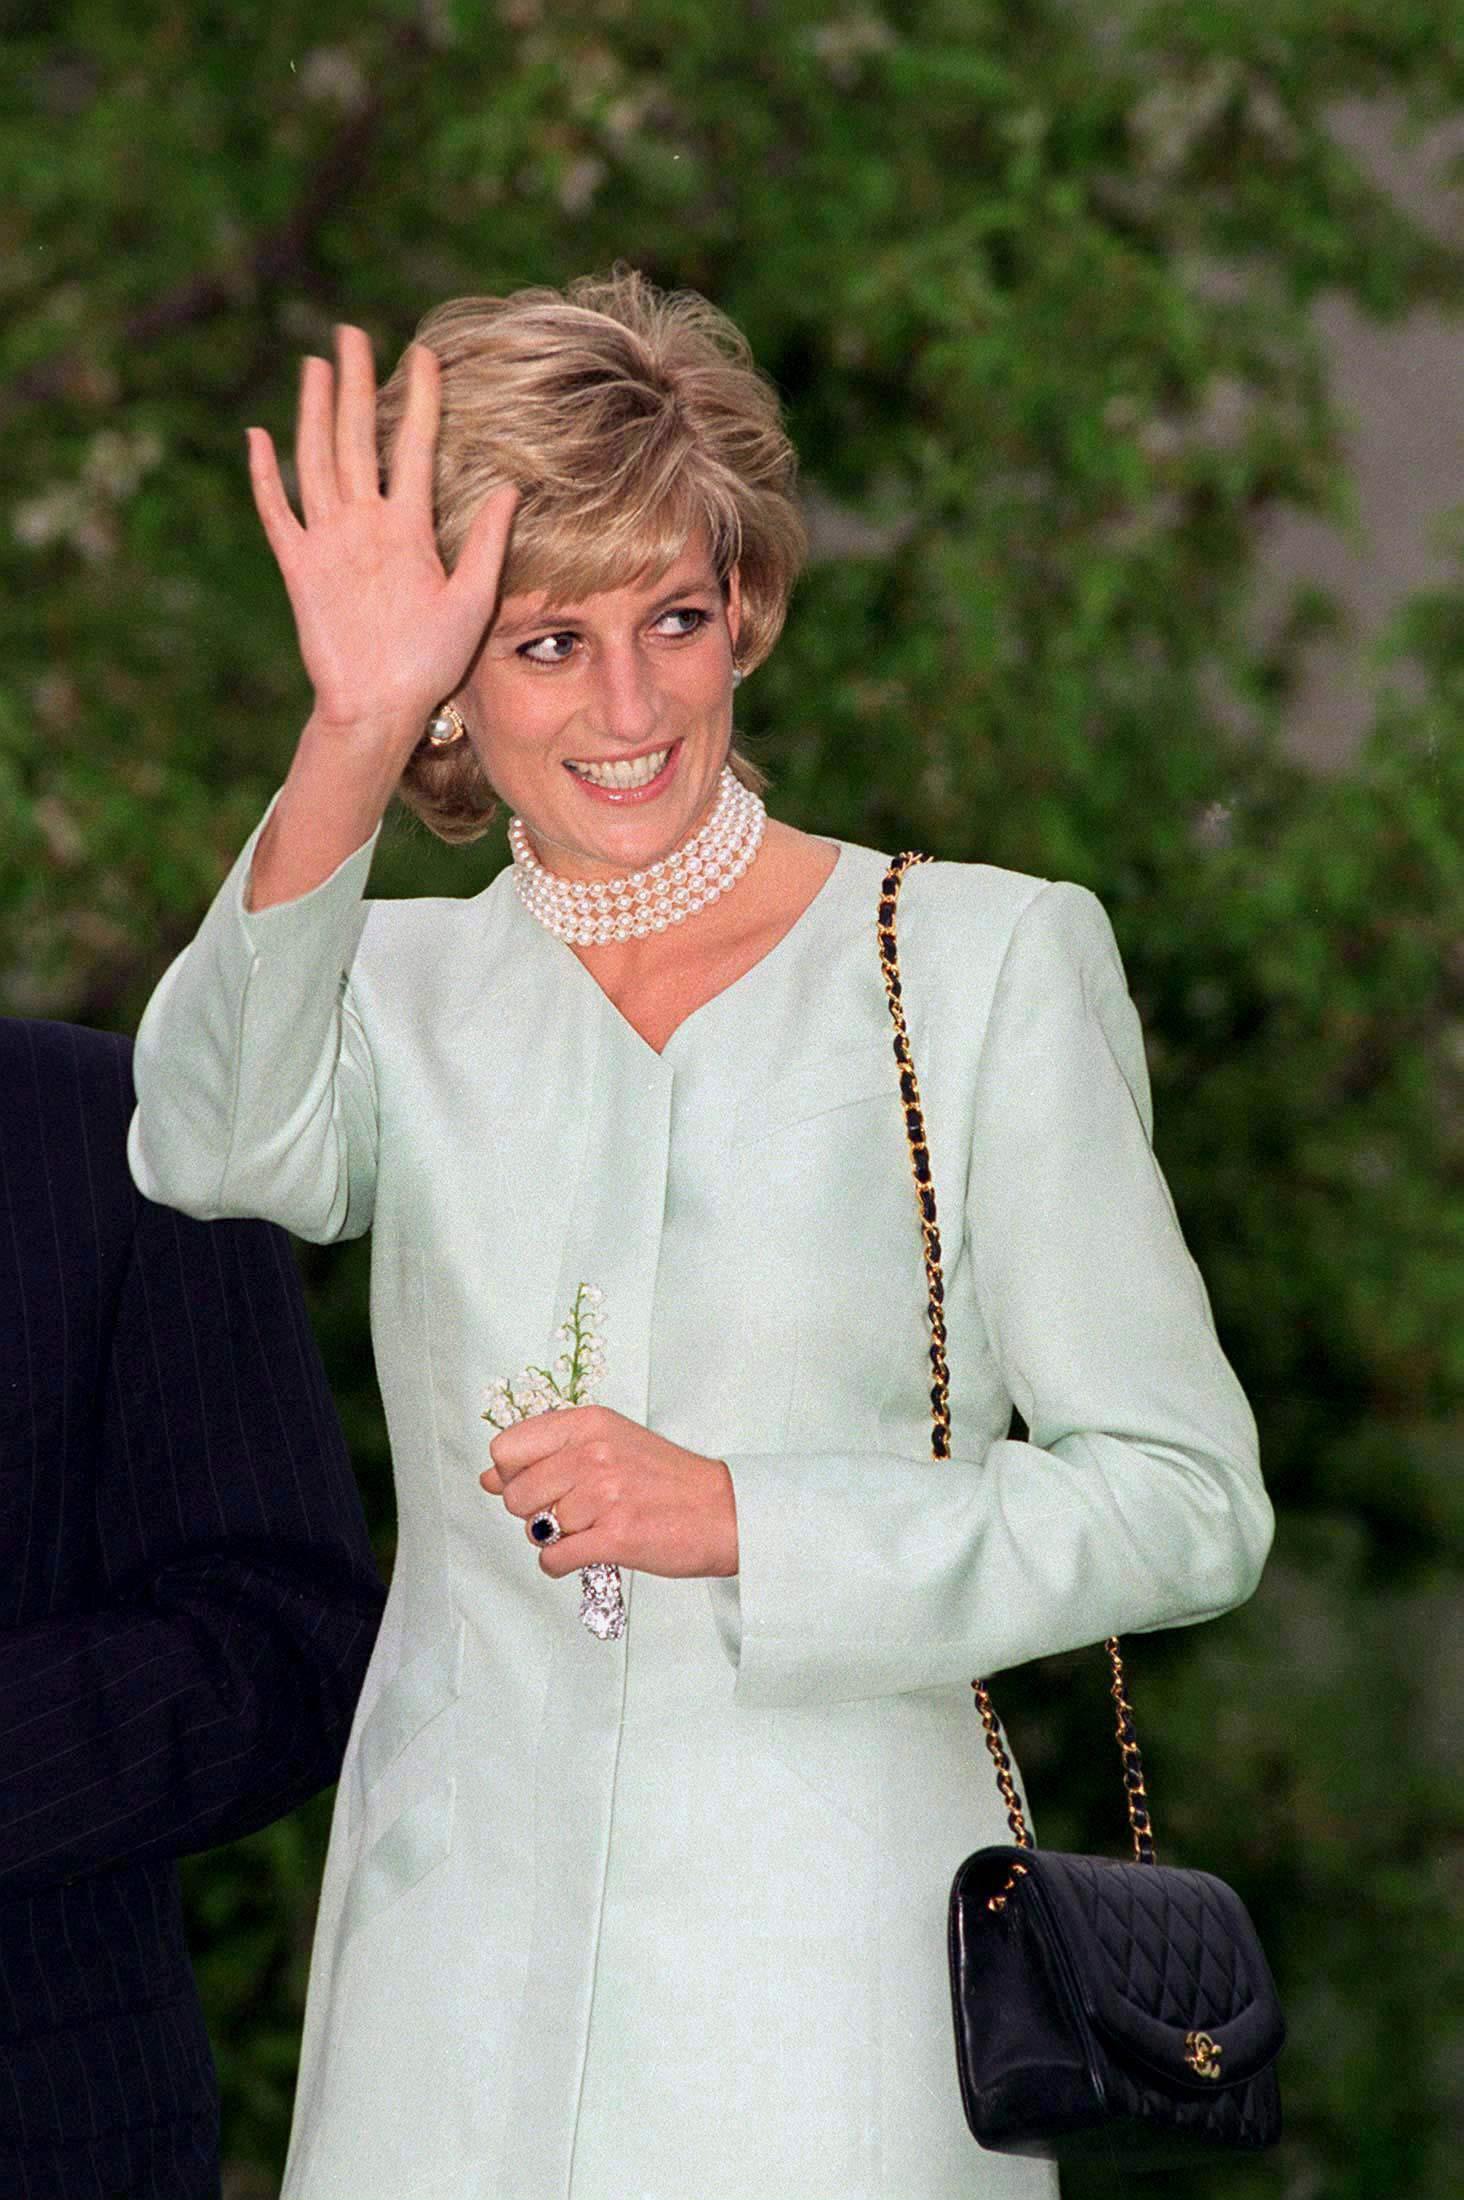 Lý do đau lòng đằng sau việc Công nương Diana ngừng diện đồ Chanel sẽ khiến người ta càng thương bà nhiều hơn - Ảnh 1.